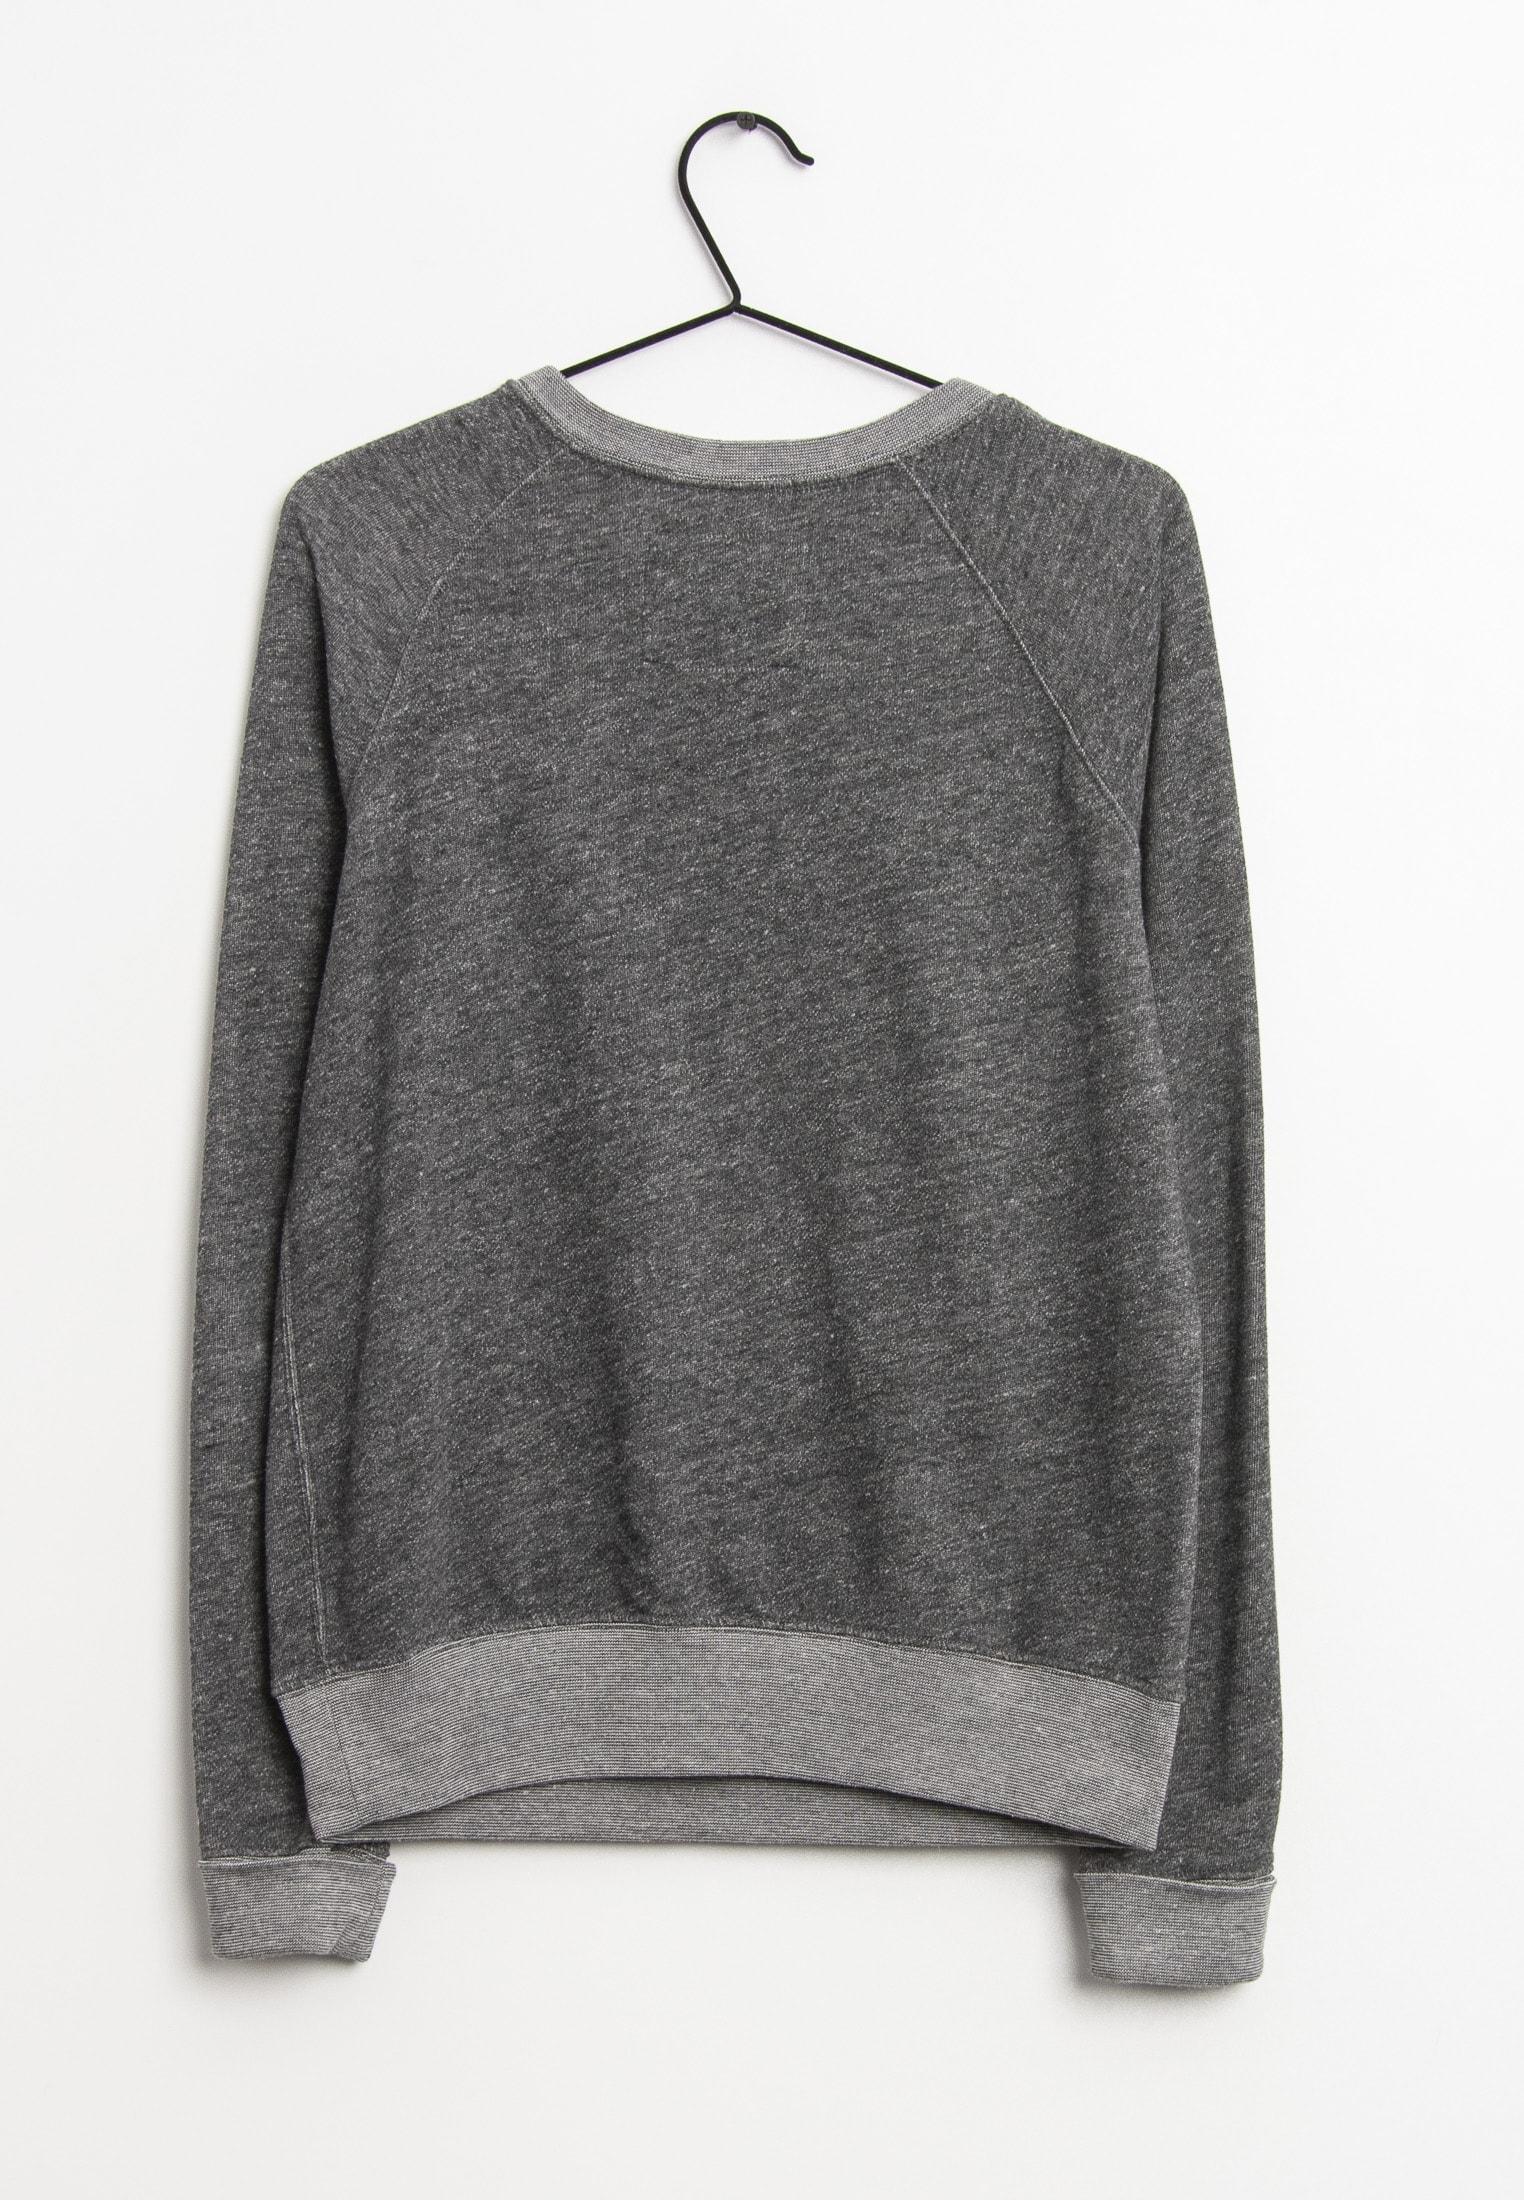 Abercrombie & Fitch Sweat / Fleece Grau Gr.S